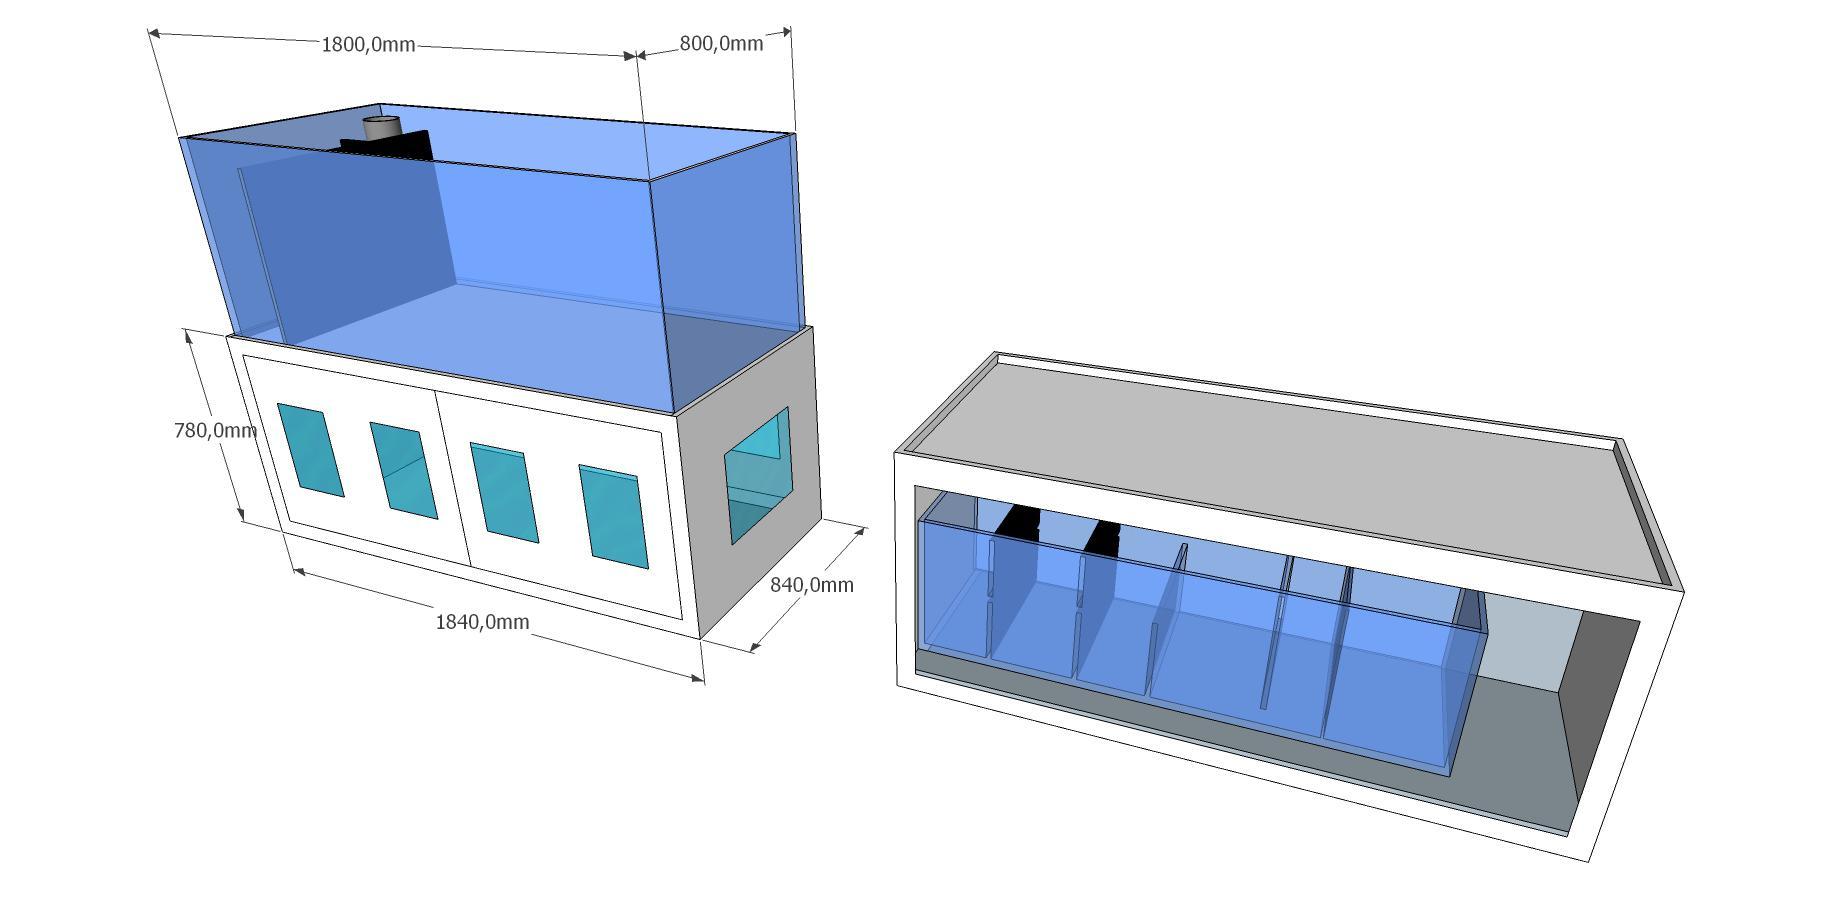 300 liter zu ber 850 liter von der plaung bis zur. Black Bedroom Furniture Sets. Home Design Ideas